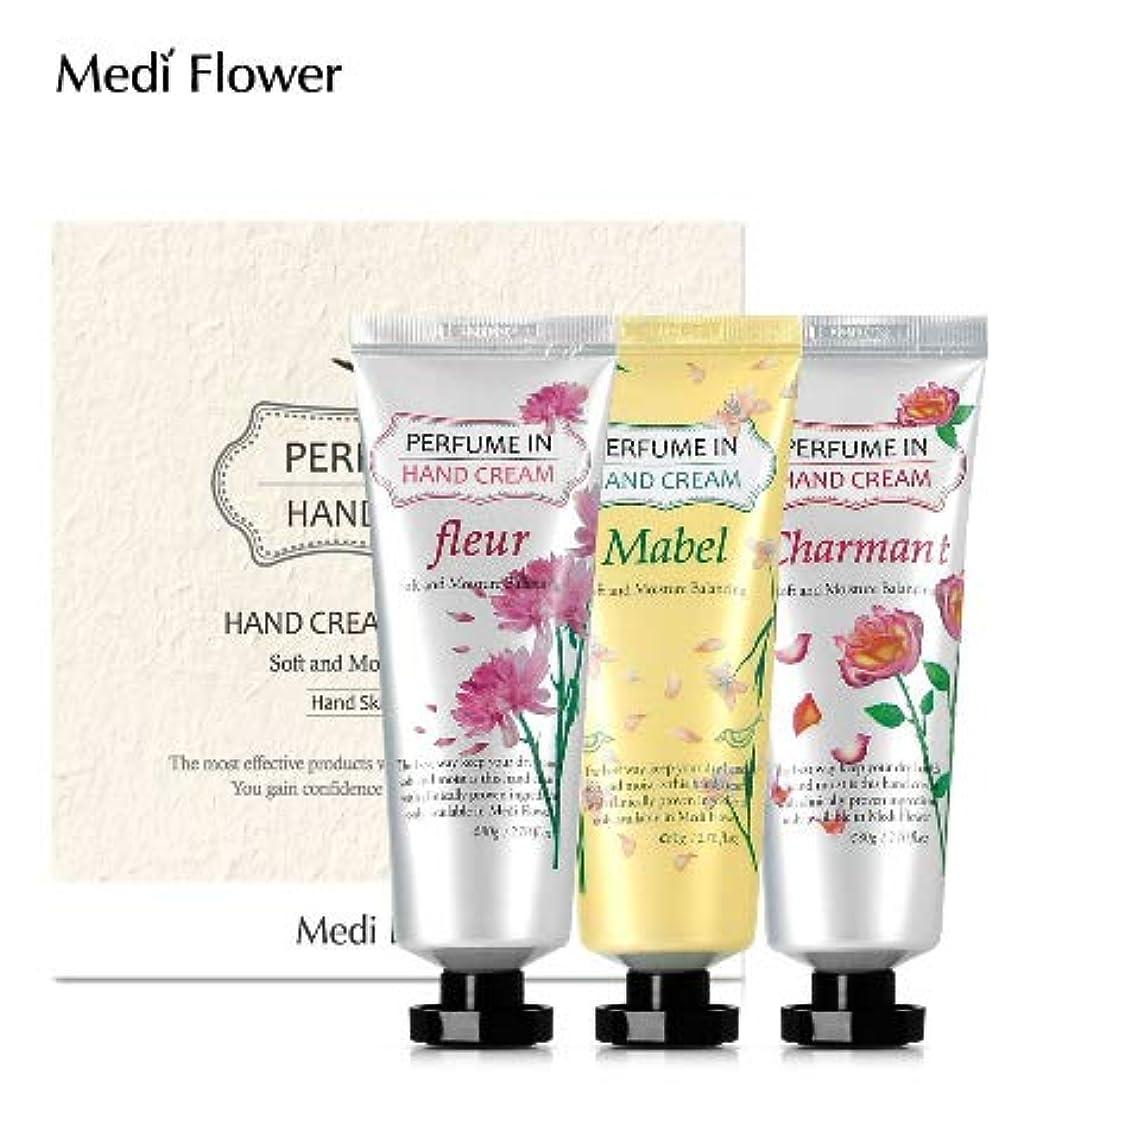 ラック惨めな観察する[MediFlower] パフュームインハンドクリーム?スペシャルセット 80g x 3個セット / Perfume Hand Cream Specail Set